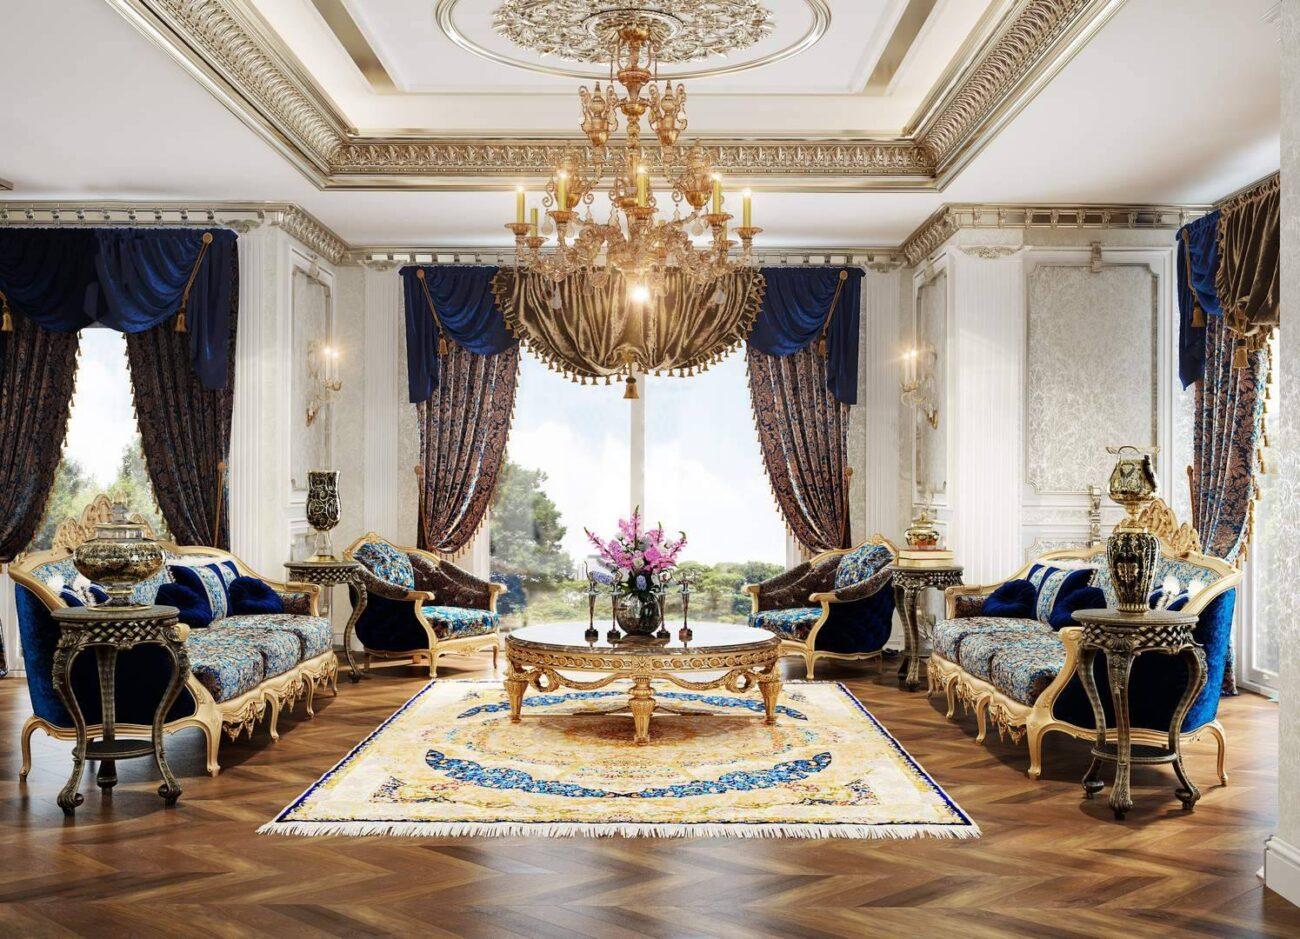 Malikane oturma odası tasarımı